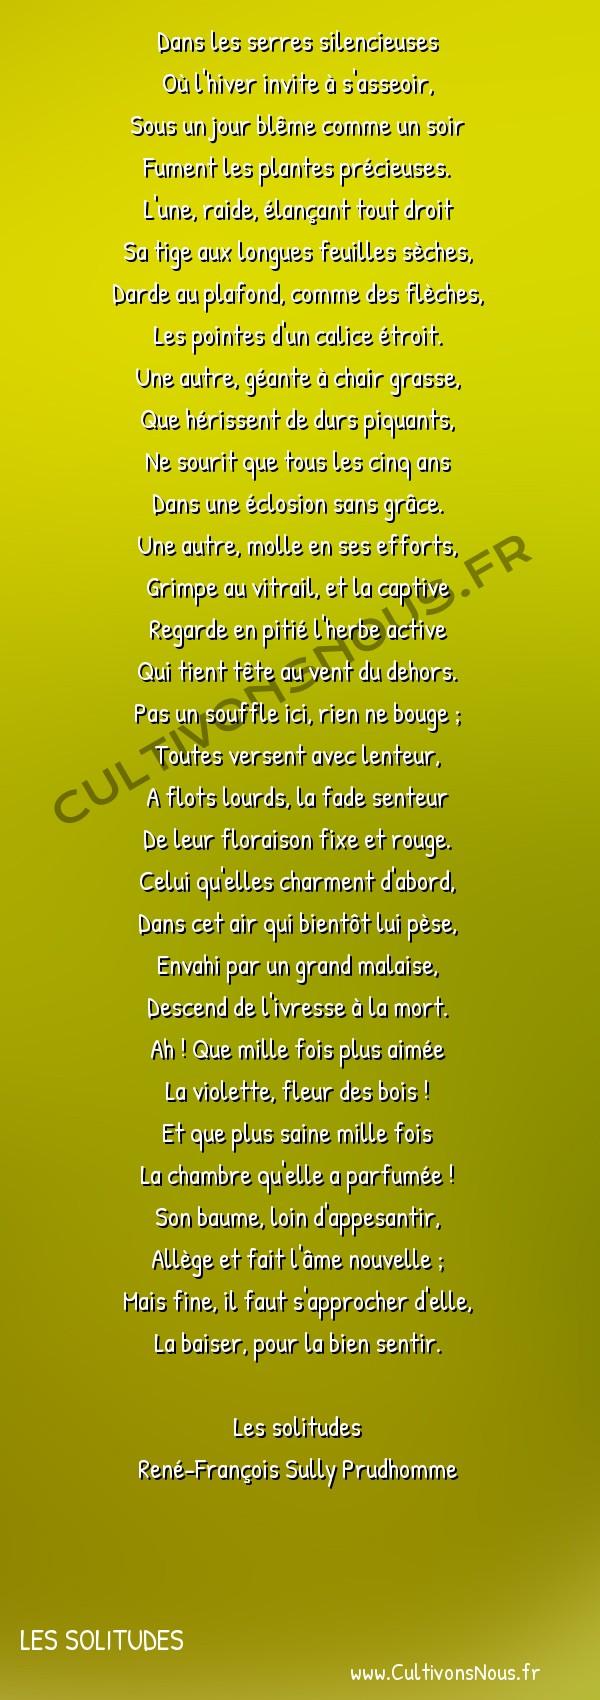 Poésie René-François Sully Prudhomme - Les solitudes - Les serres et les bois -  Dans les serres silencieuses Où l'hiver invite à s'asseoir,